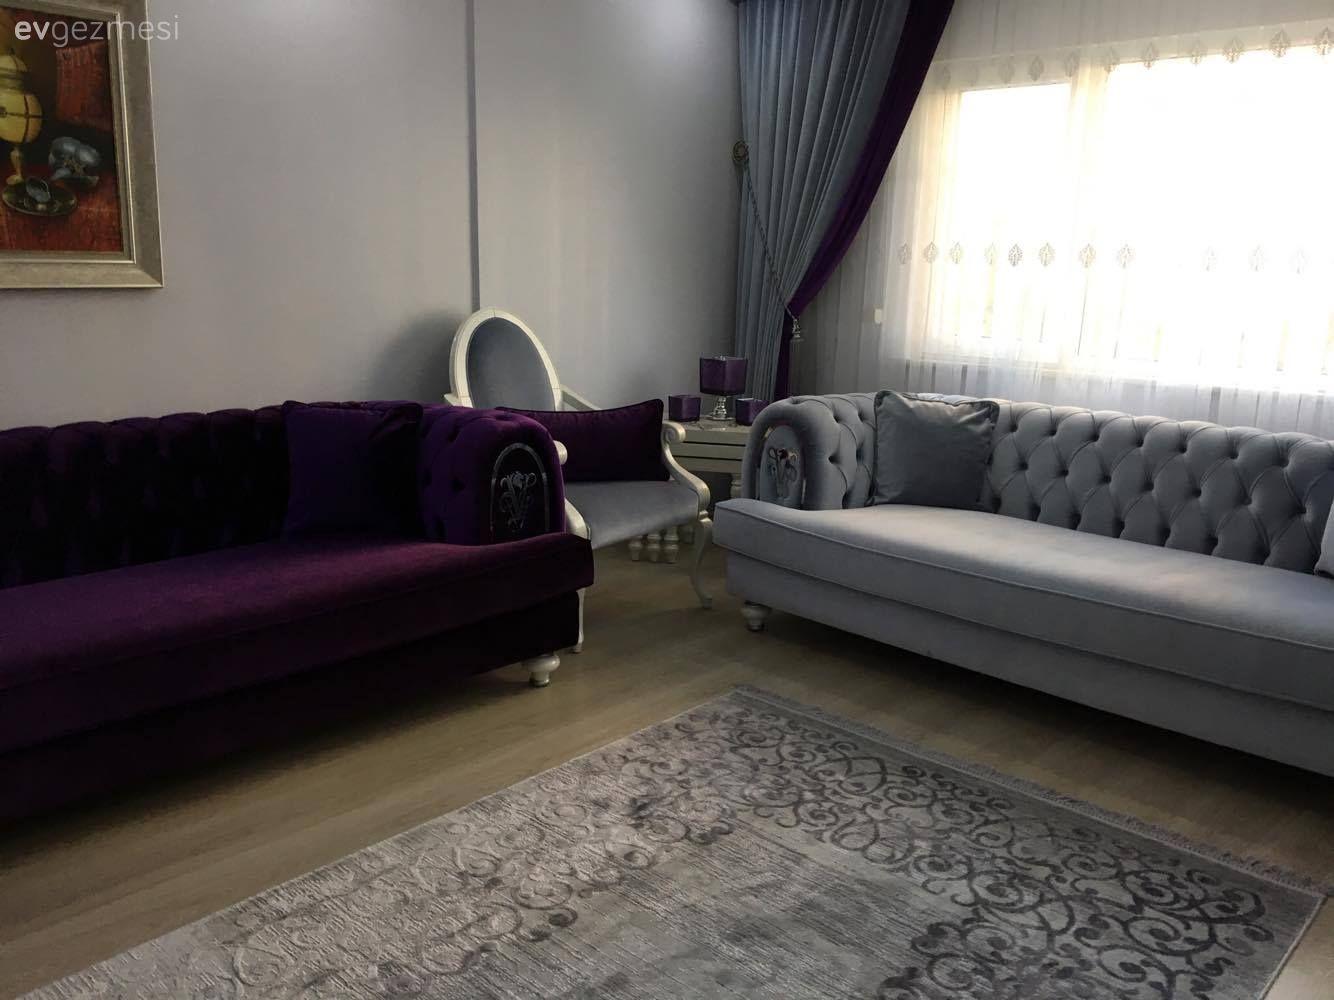 Klasik Stil Guclu Renkler Asli Hanimin Yenilenen Salonu Ev Gezmesi Mobilya Fikirleri Mobilya Renkler